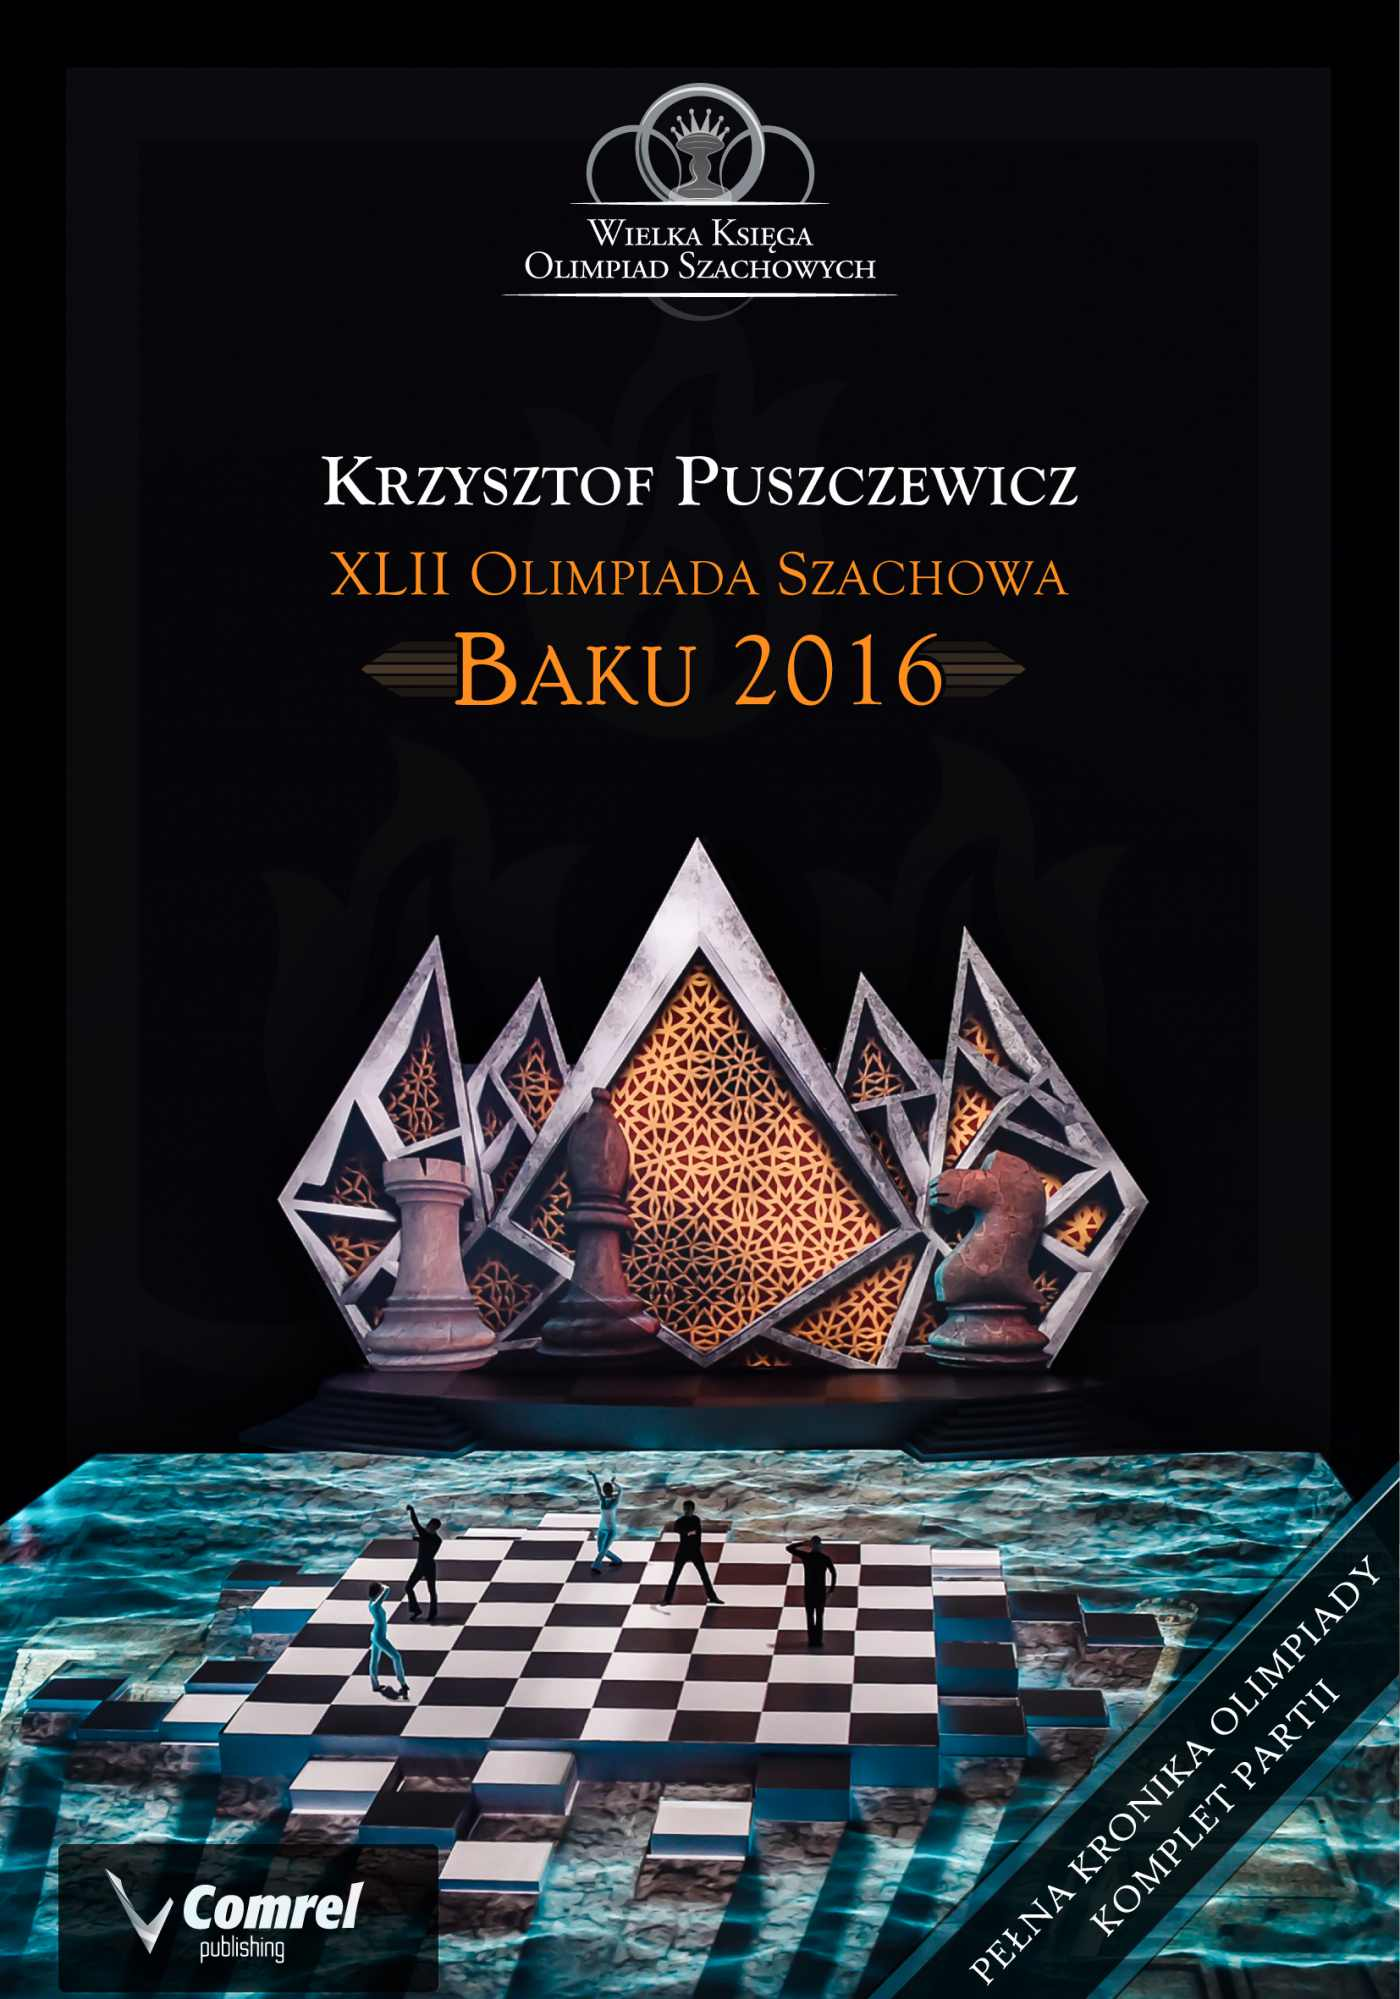 XLII Olimpiada Szachowa - Baku 2016 - Ebook (Książka PDF) do pobrania w formacie PDF